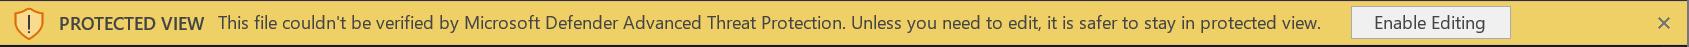 在掃描檔案時發生錯誤時,[MDATP] 業務列的螢幕擷取畫面